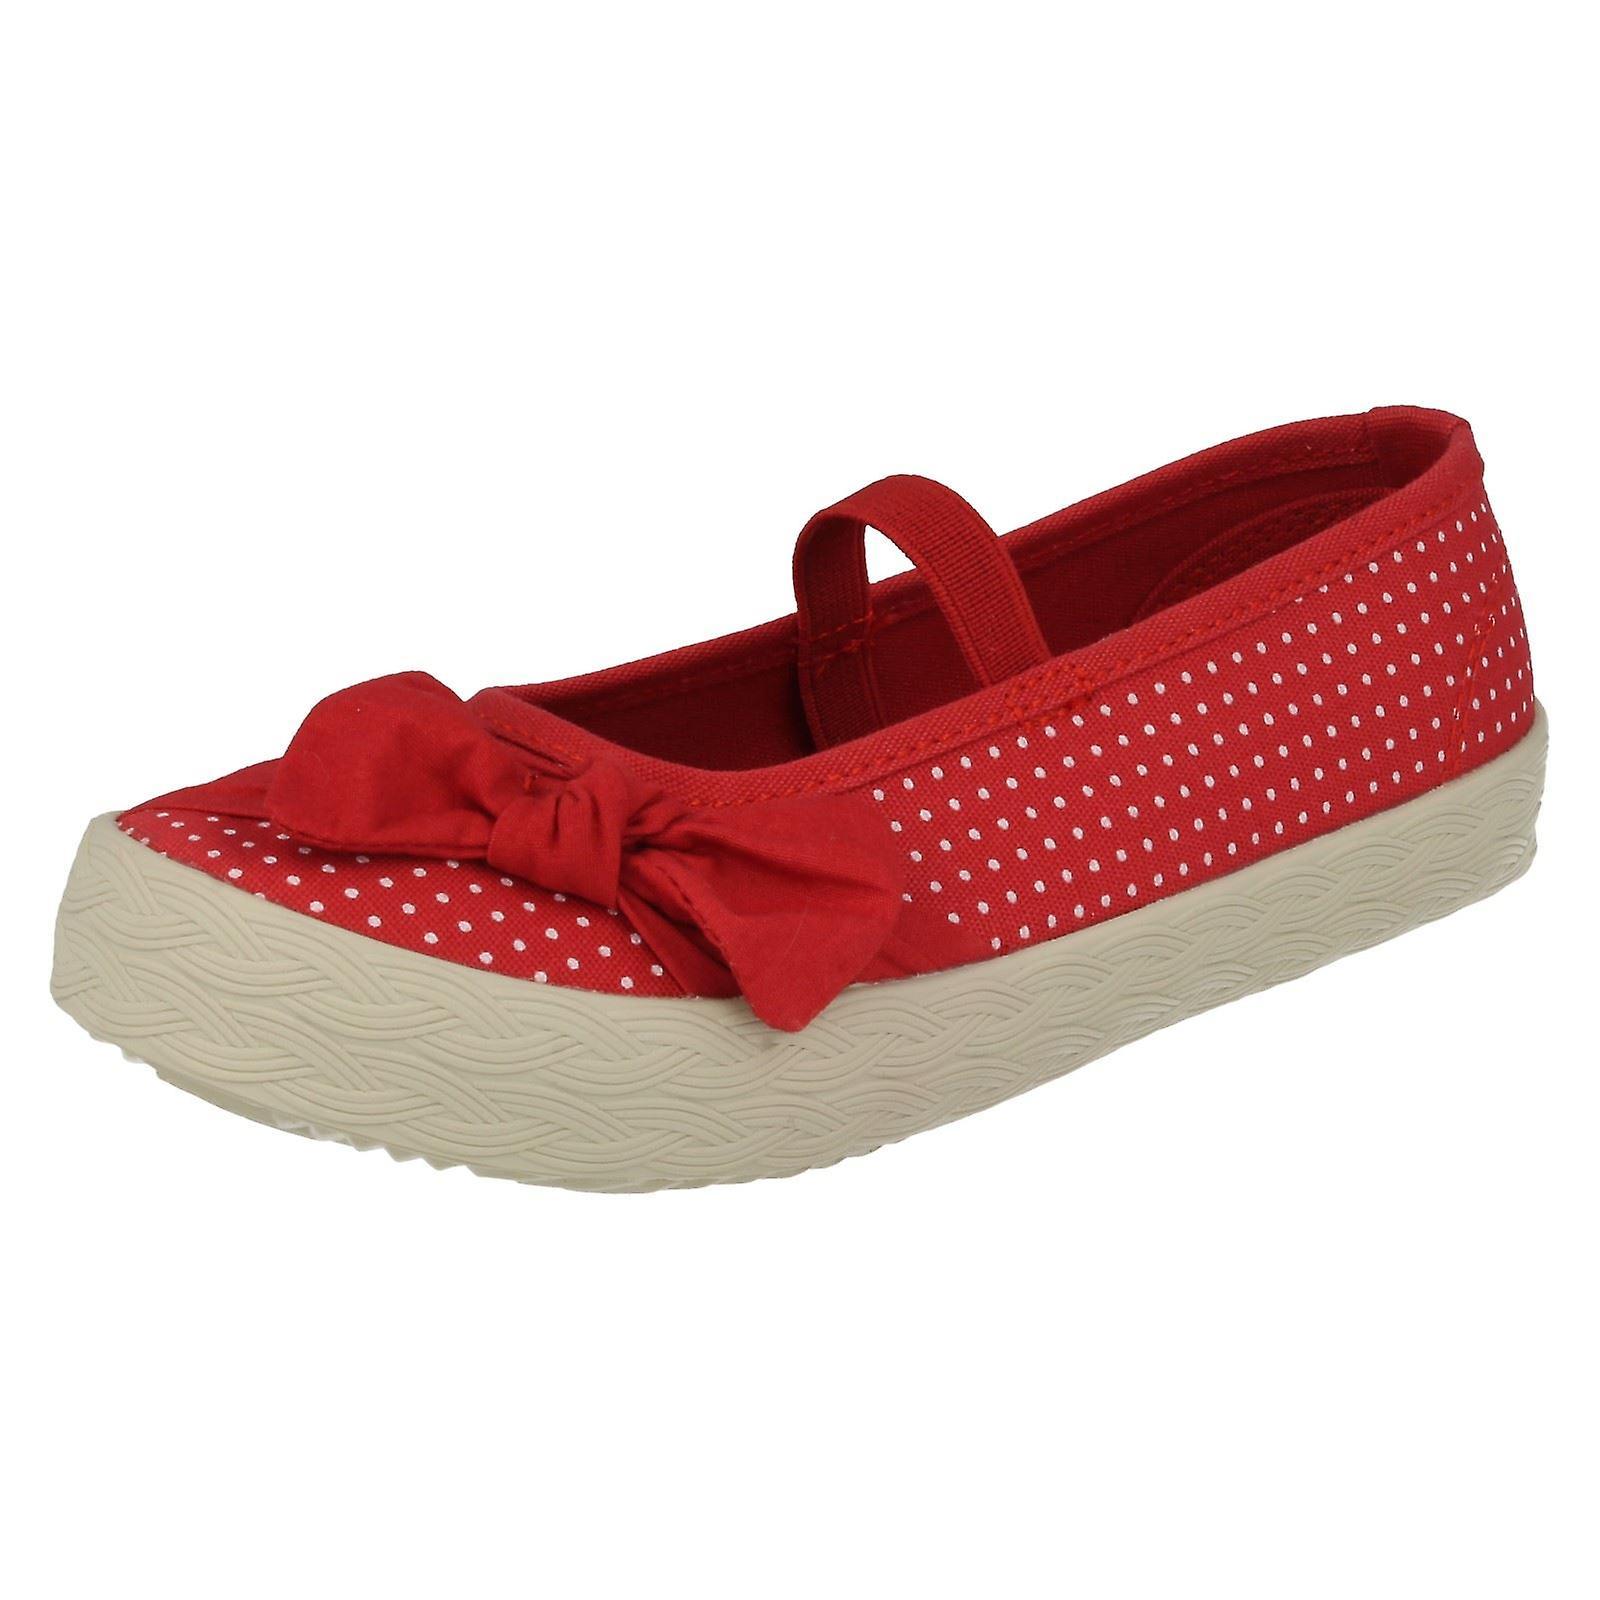 Ragazze Startrite estate tela scarpe Capri | Per Essere Altamente Lodato E Apprezzato Dal Pubblico Dei Consumatori  | Sig/Sig Ra Scarpa